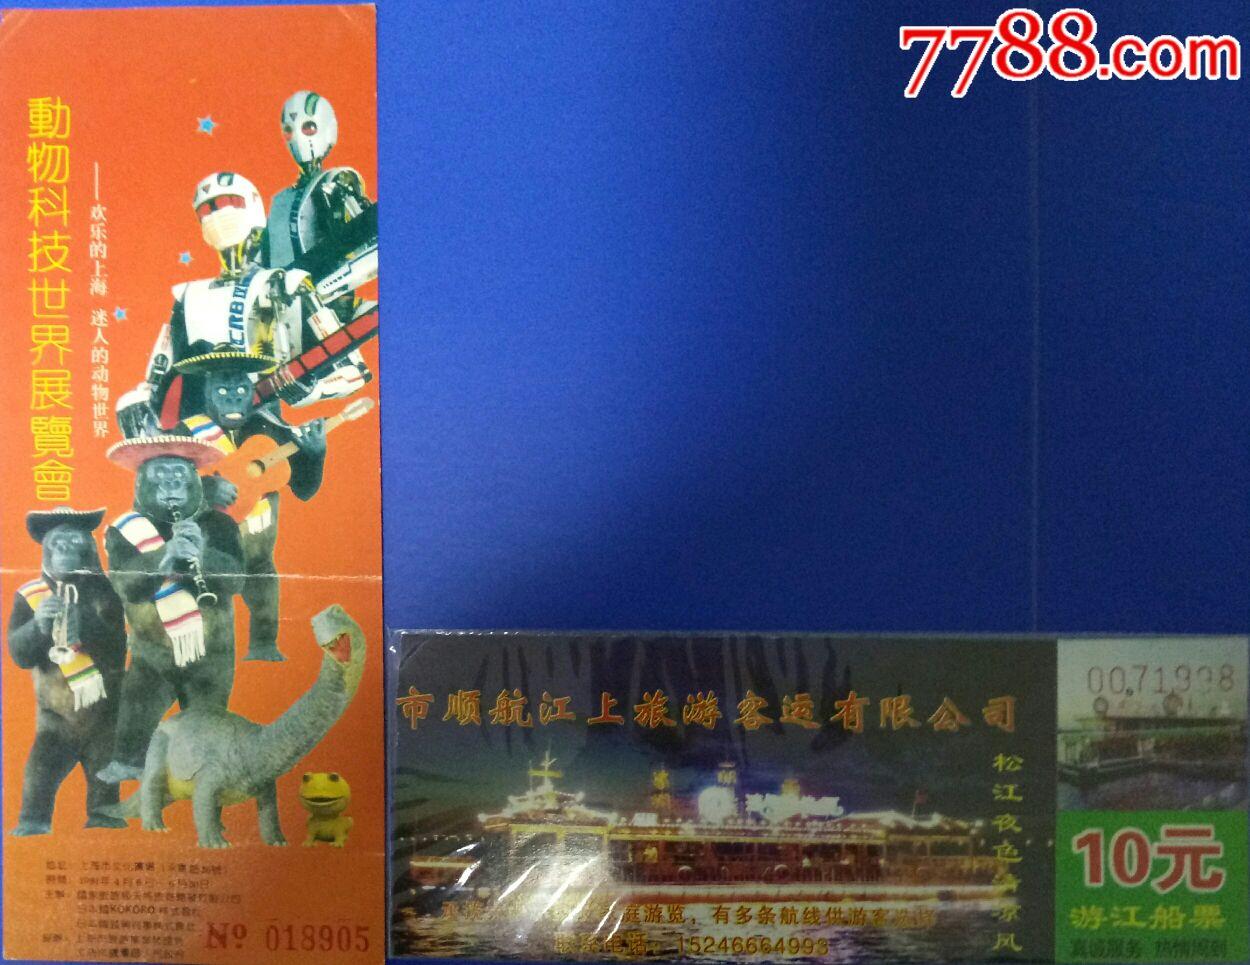 动物科技世界展览会——欢乐的上海迷人的动物世界(有